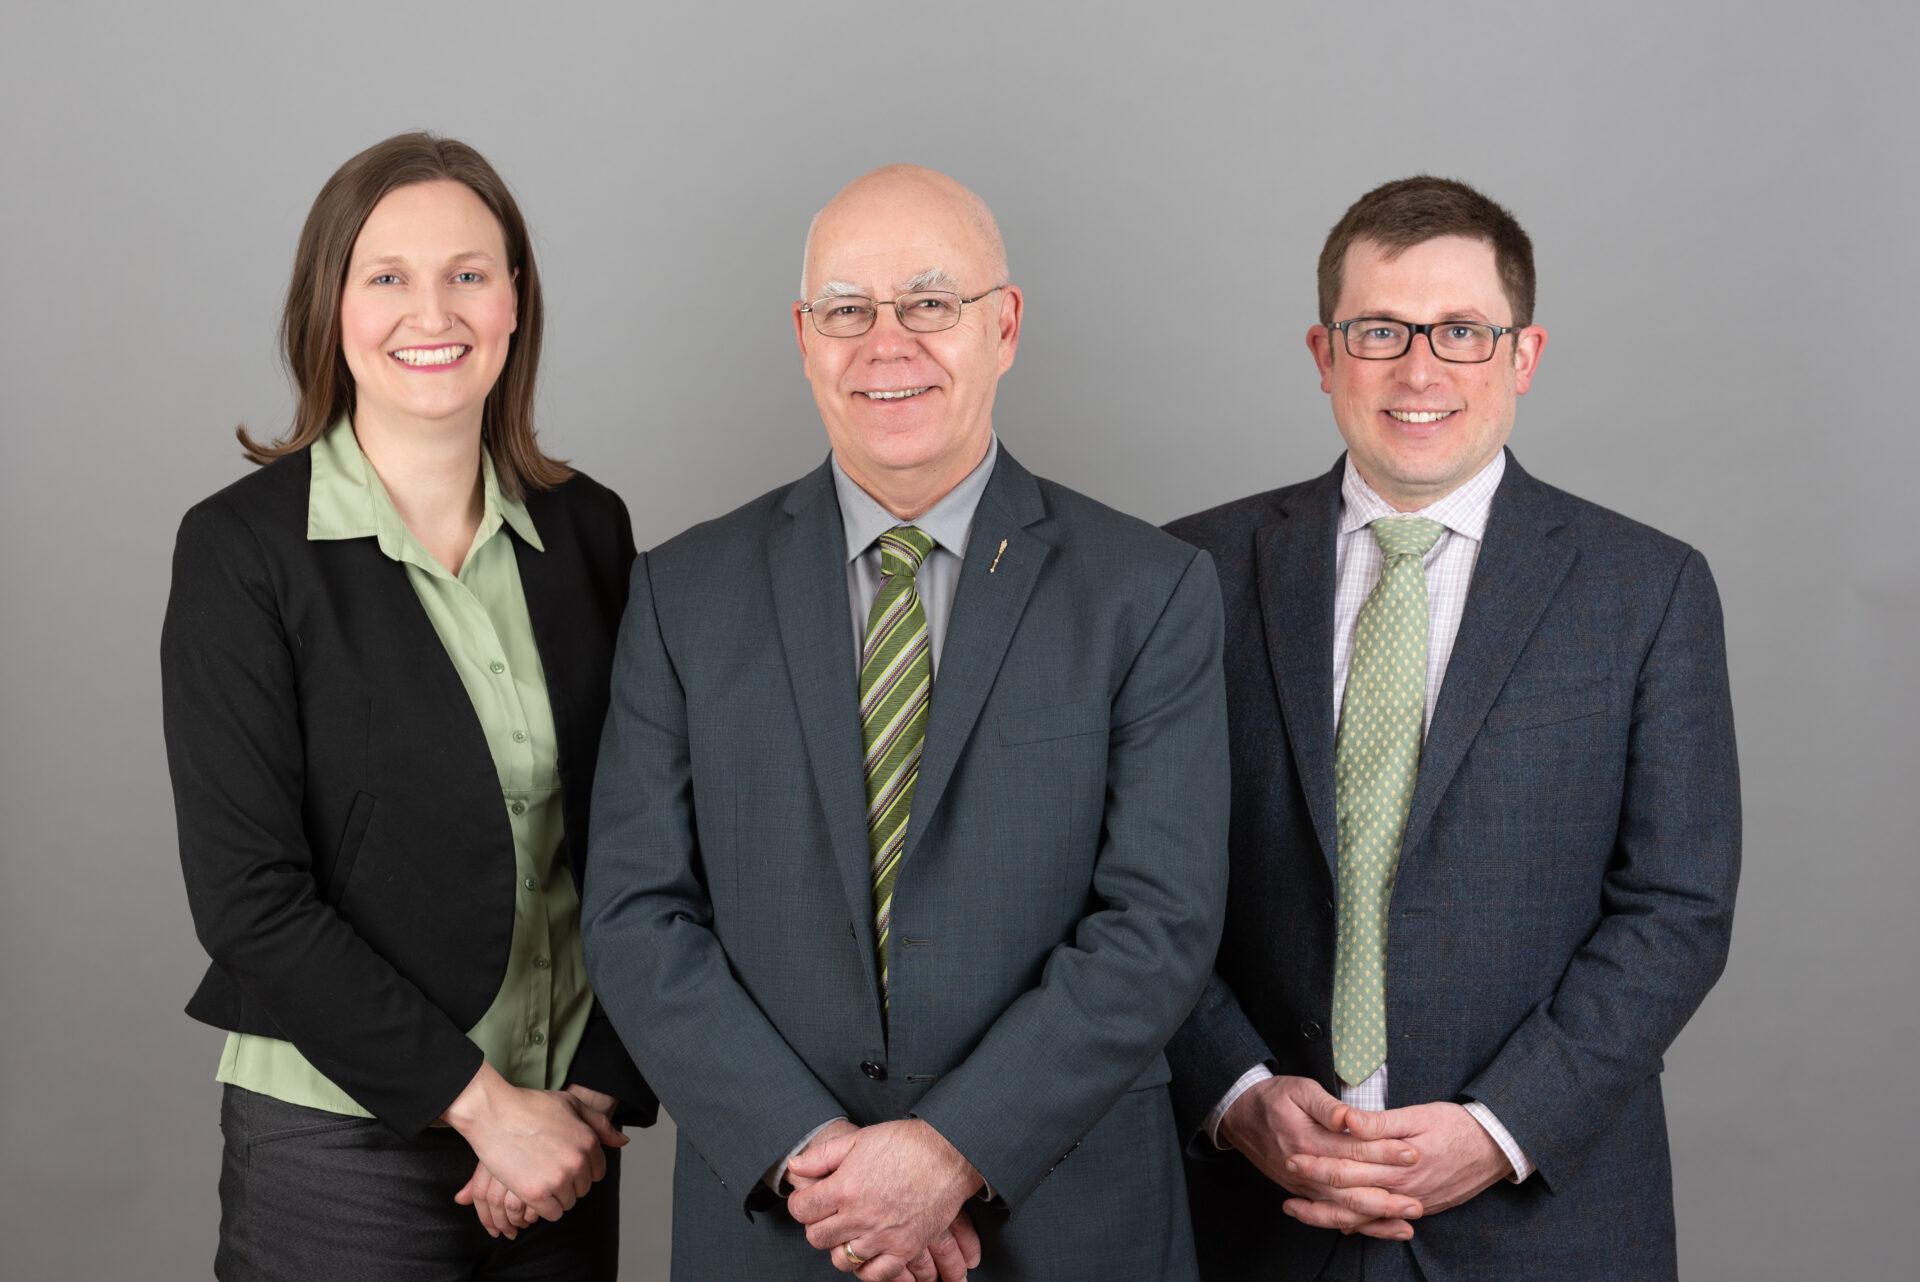 Les députés verts annoncent leurs rôles de critique et leurs domaines d'intérêt